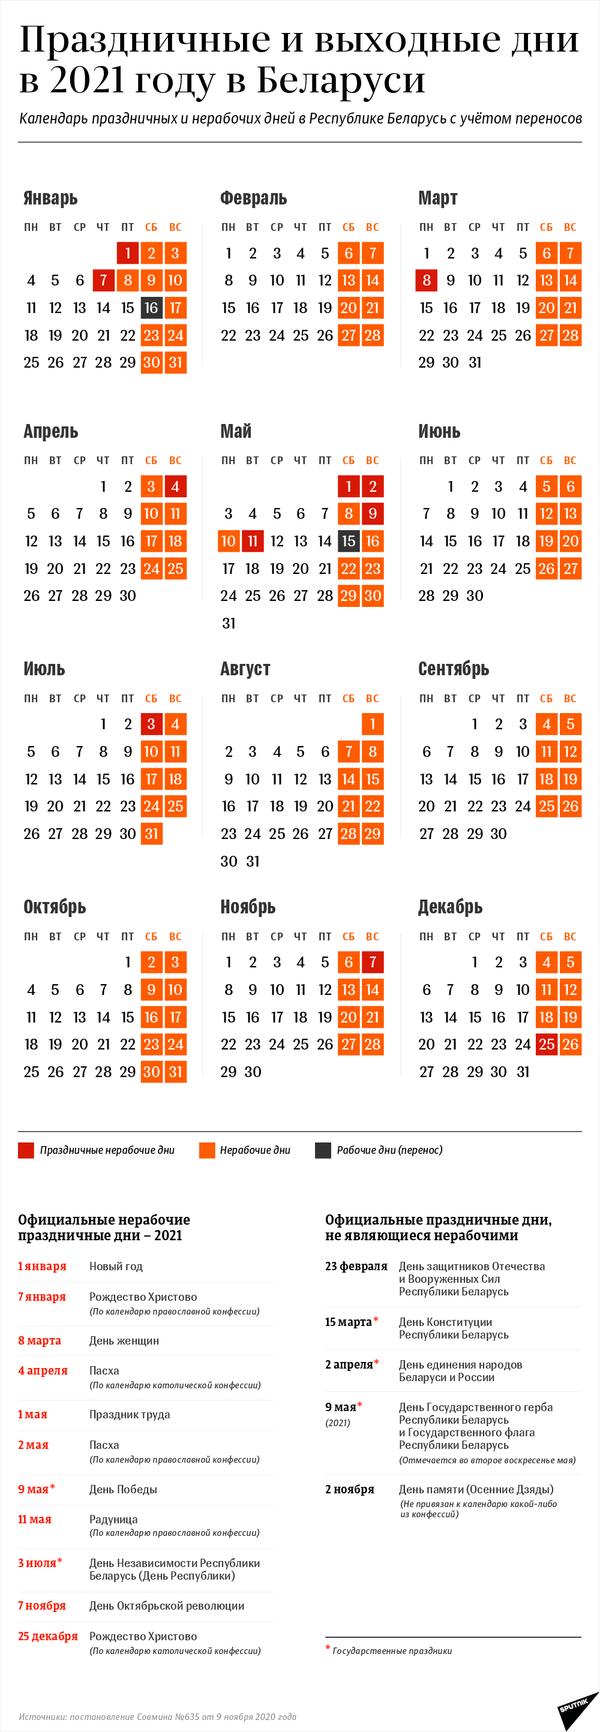 Календарь выходных и праздничных дней – 2021 в Беларуси с учетом переносов - Sputnik Беларусь